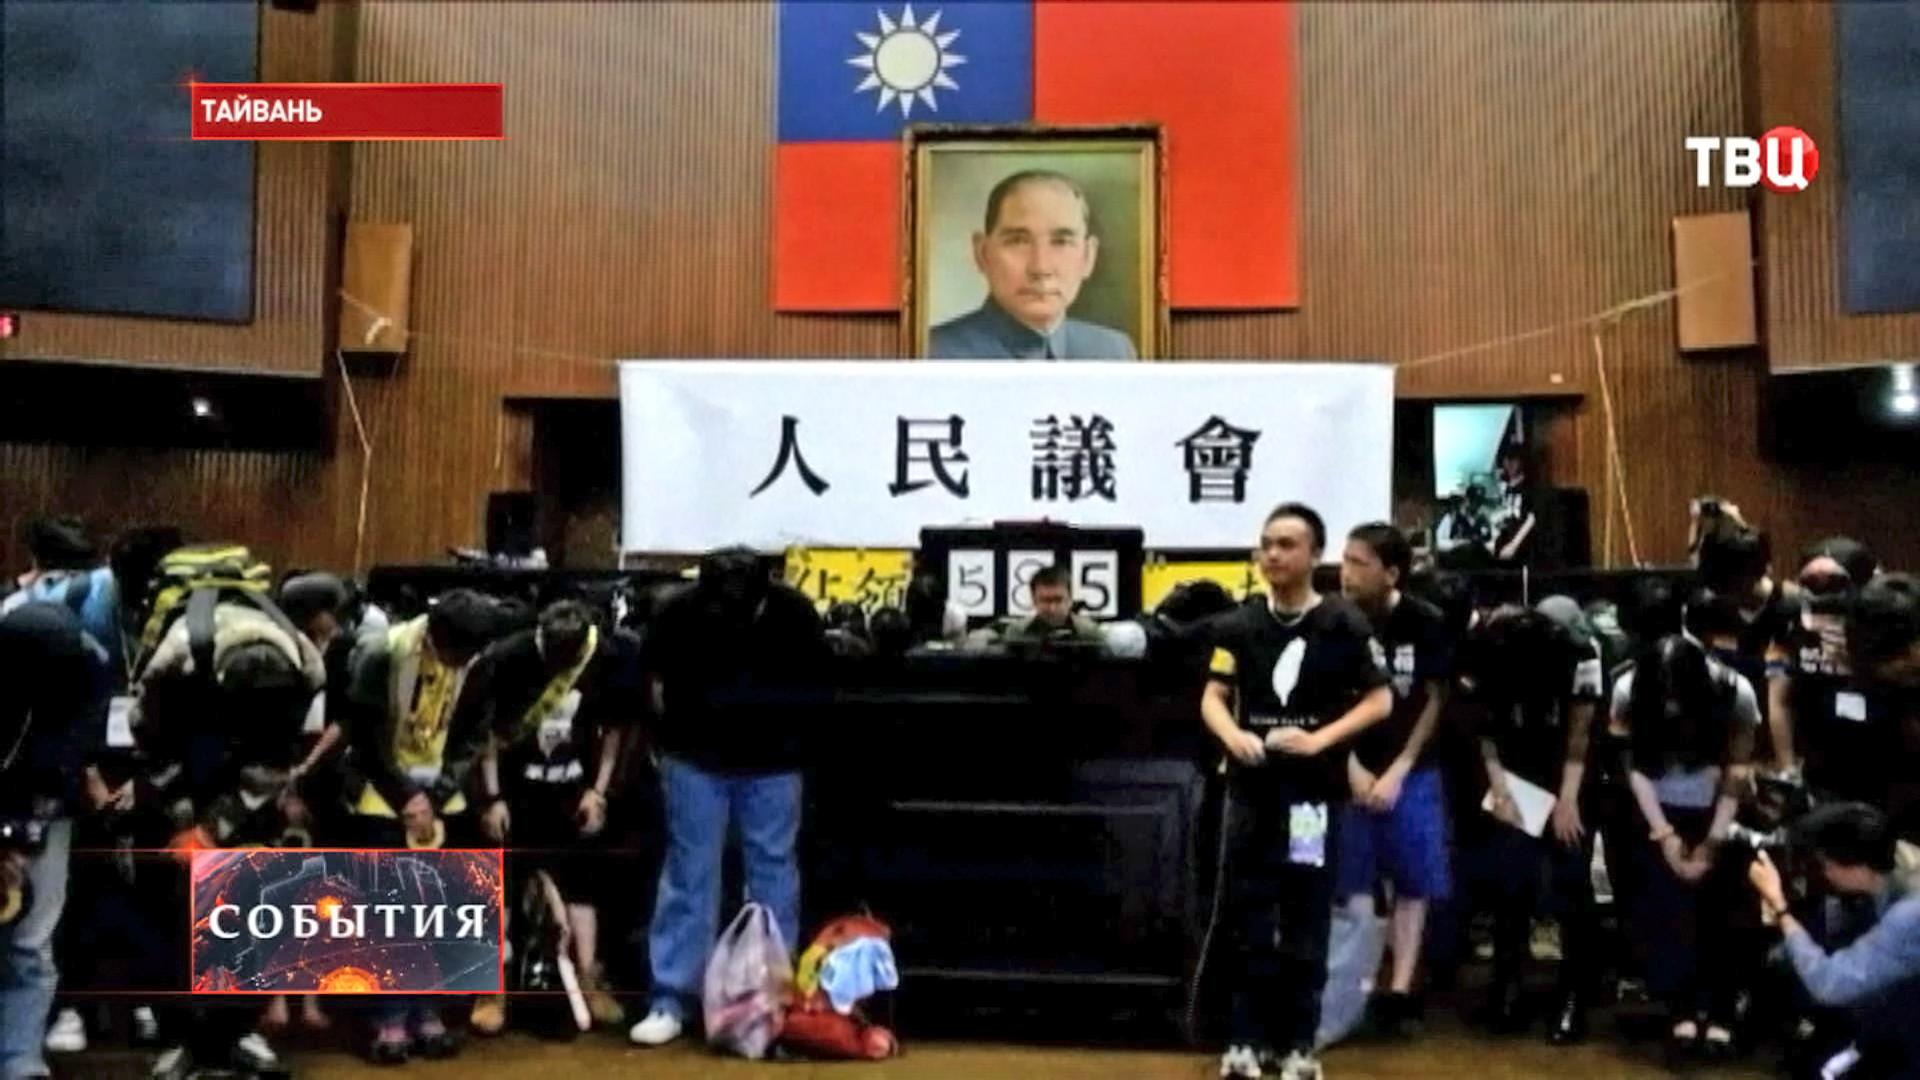 Тайваньские студенты в здании парламента